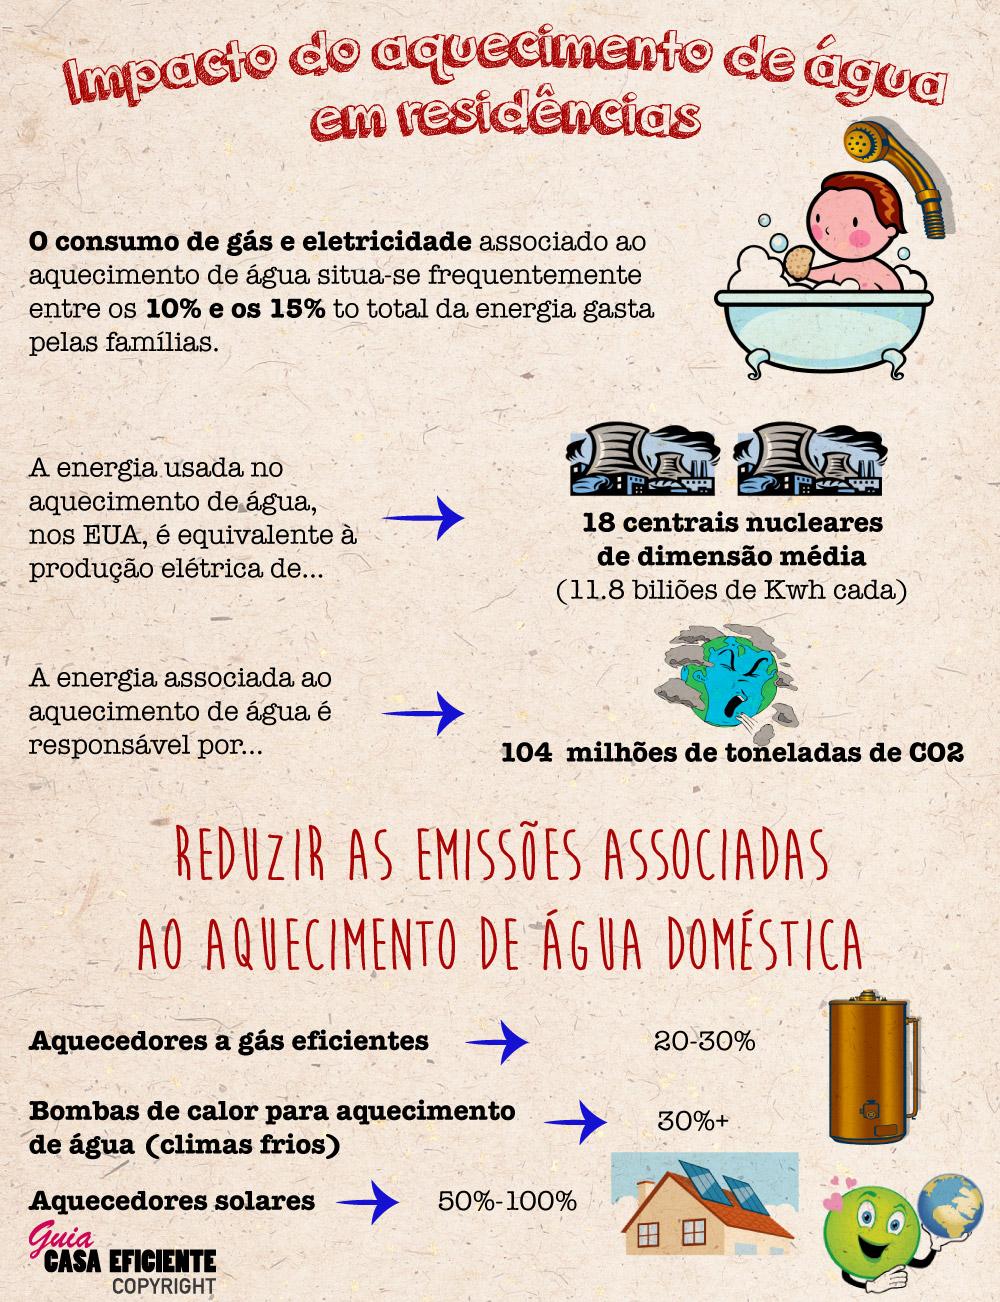 Impacto ambiental do aquecimento de água em residências